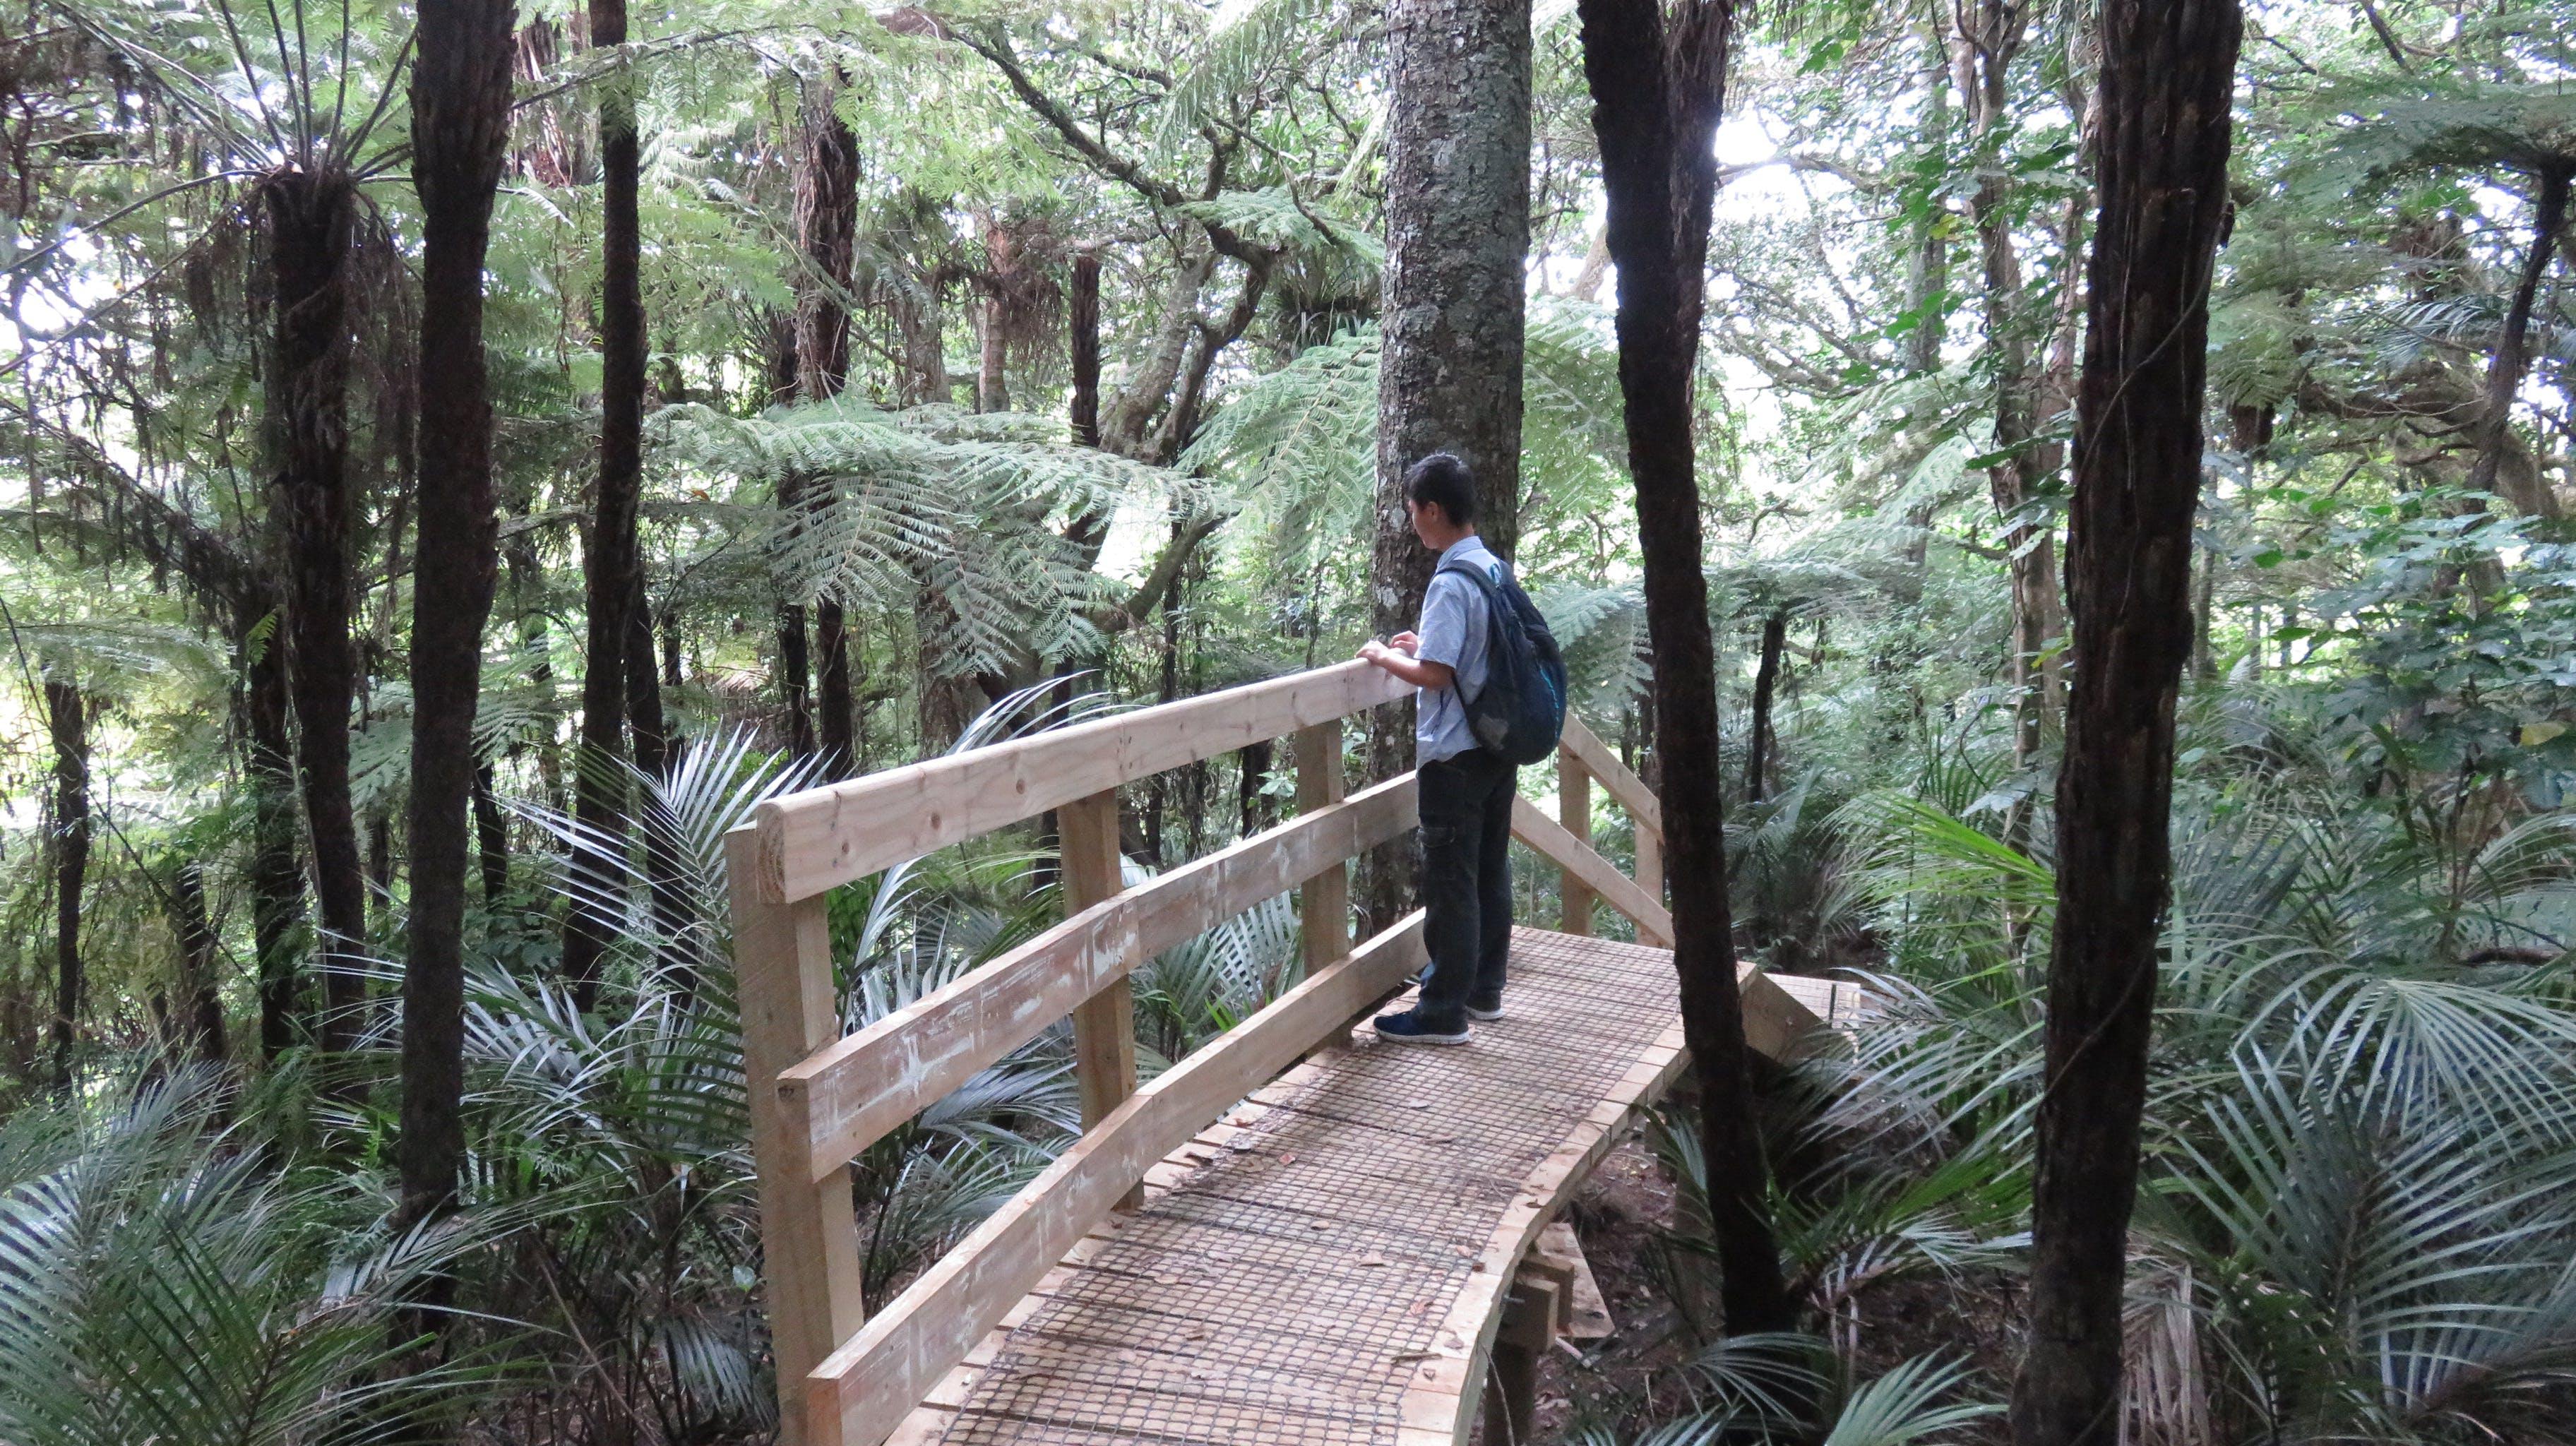 경치, 나무 몸통, 나뭇잎, 남성의 무료 스톡 사진